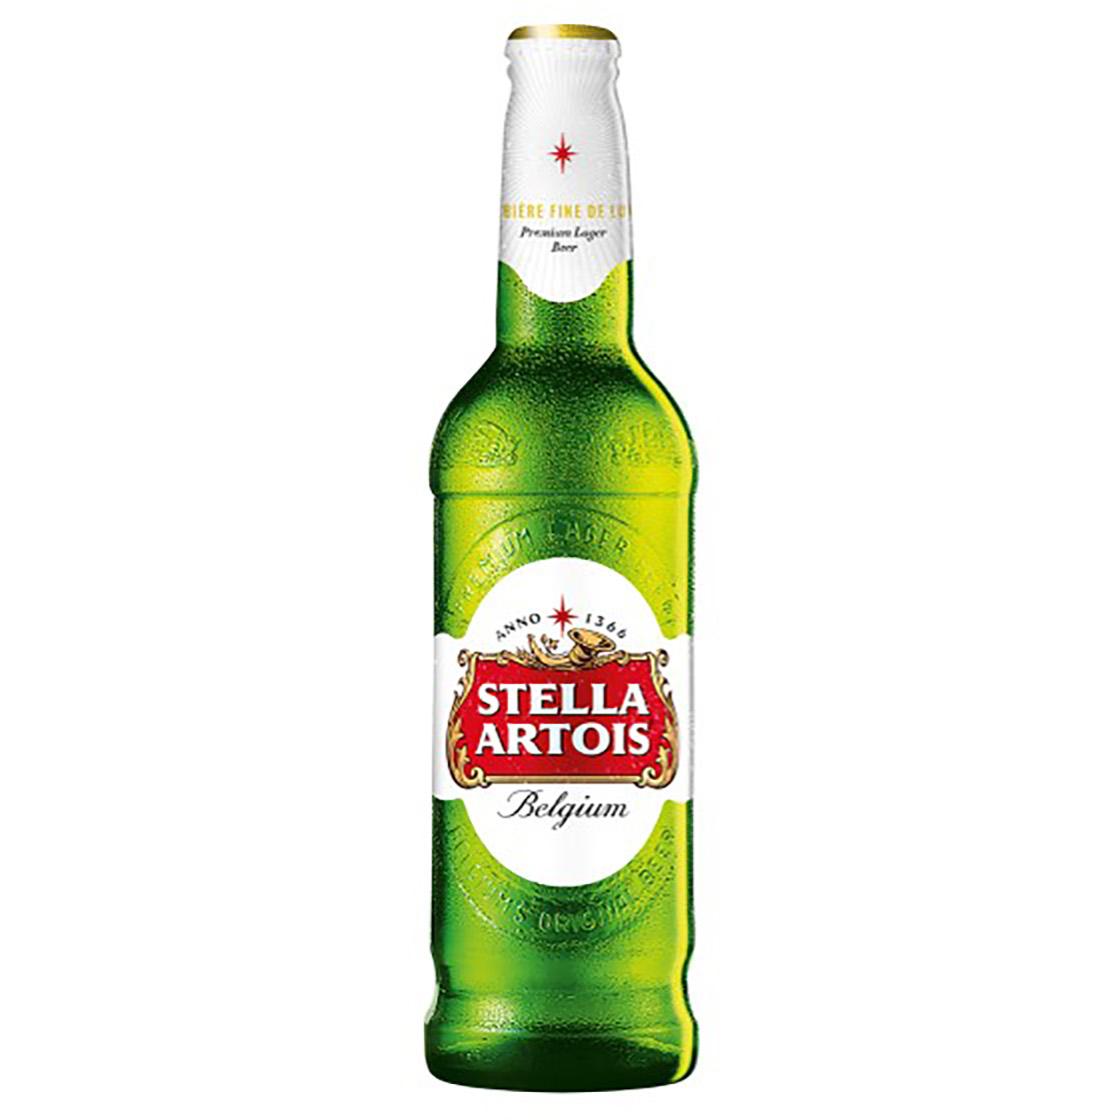 Nová lahev Stella Artois